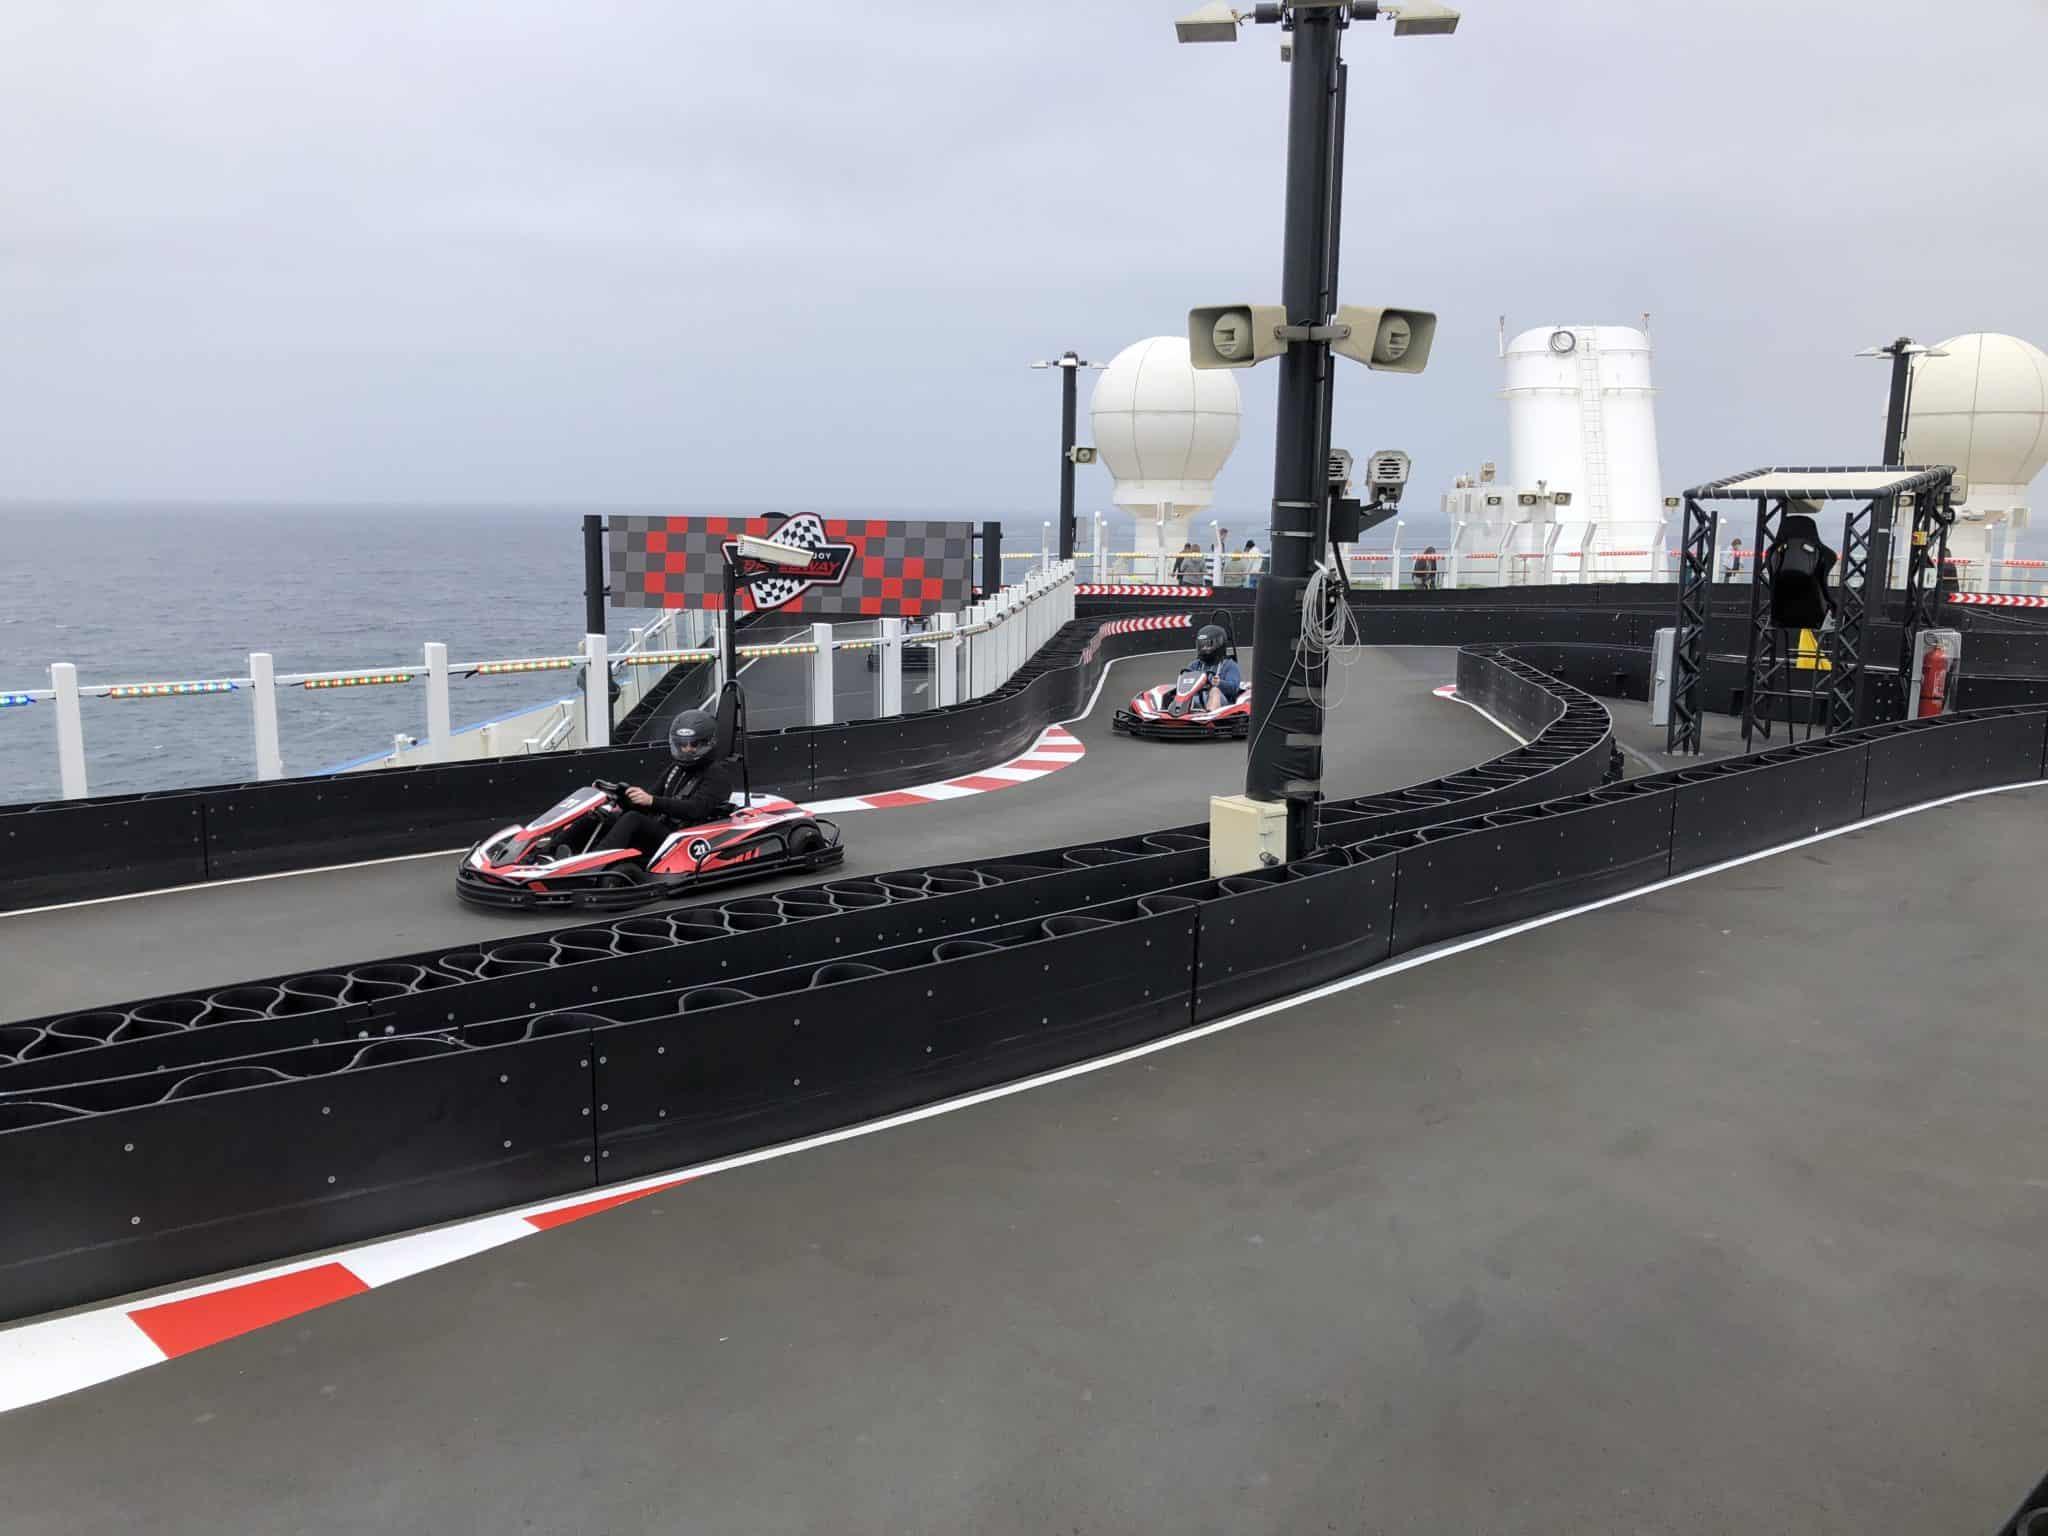 norwegian joy speedway go kart race track